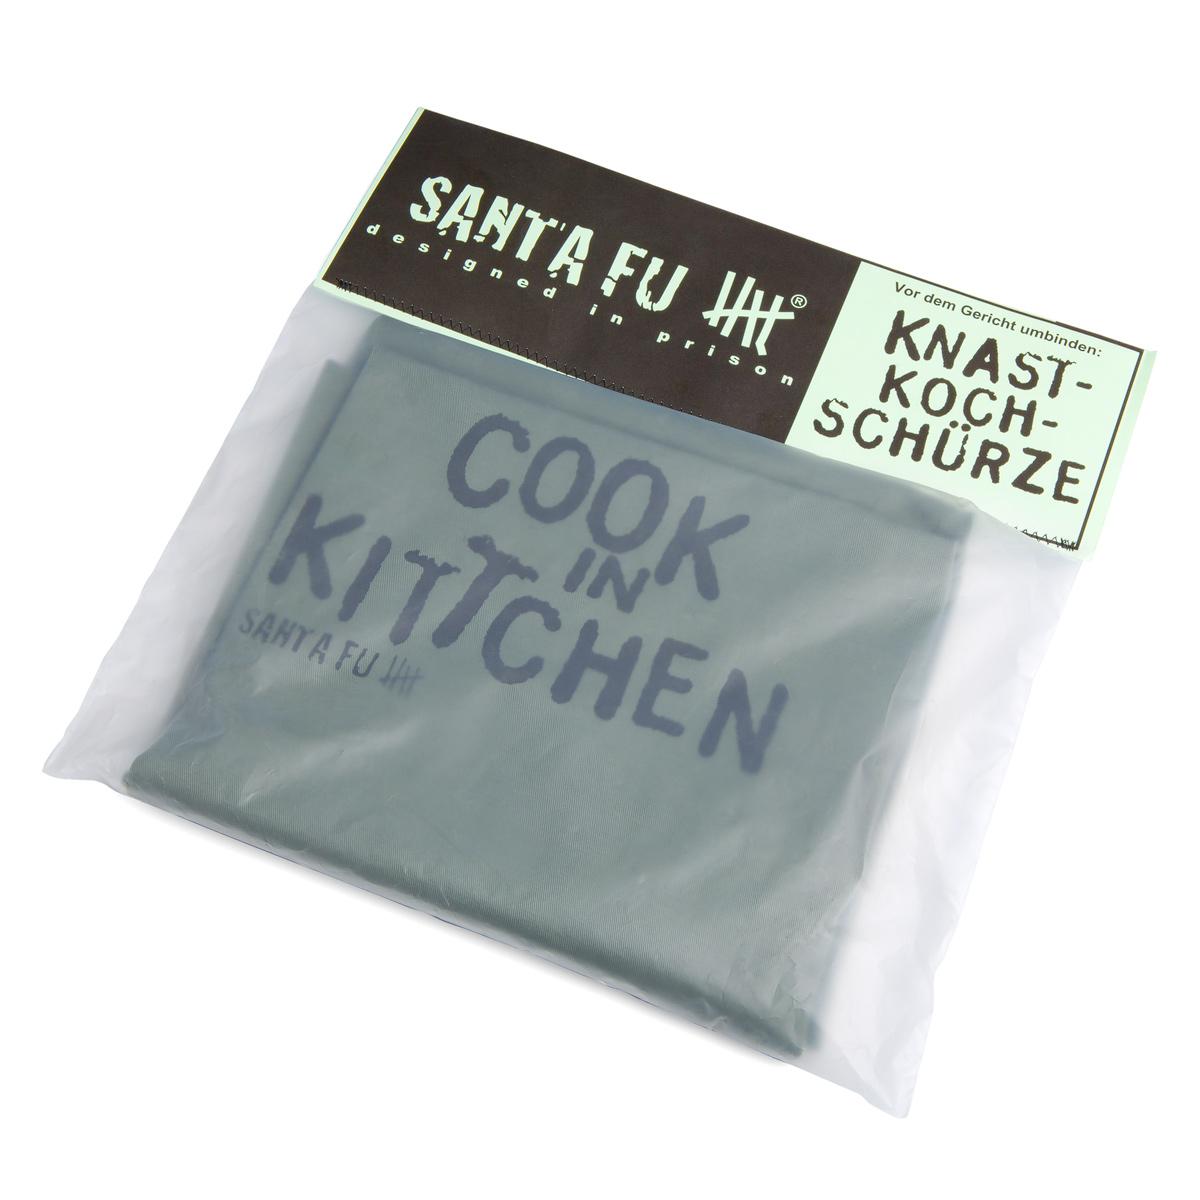 sch rze cook in kittchen kaufen corpus delicti design hamburg wir machen geschenke. Black Bedroom Furniture Sets. Home Design Ideas